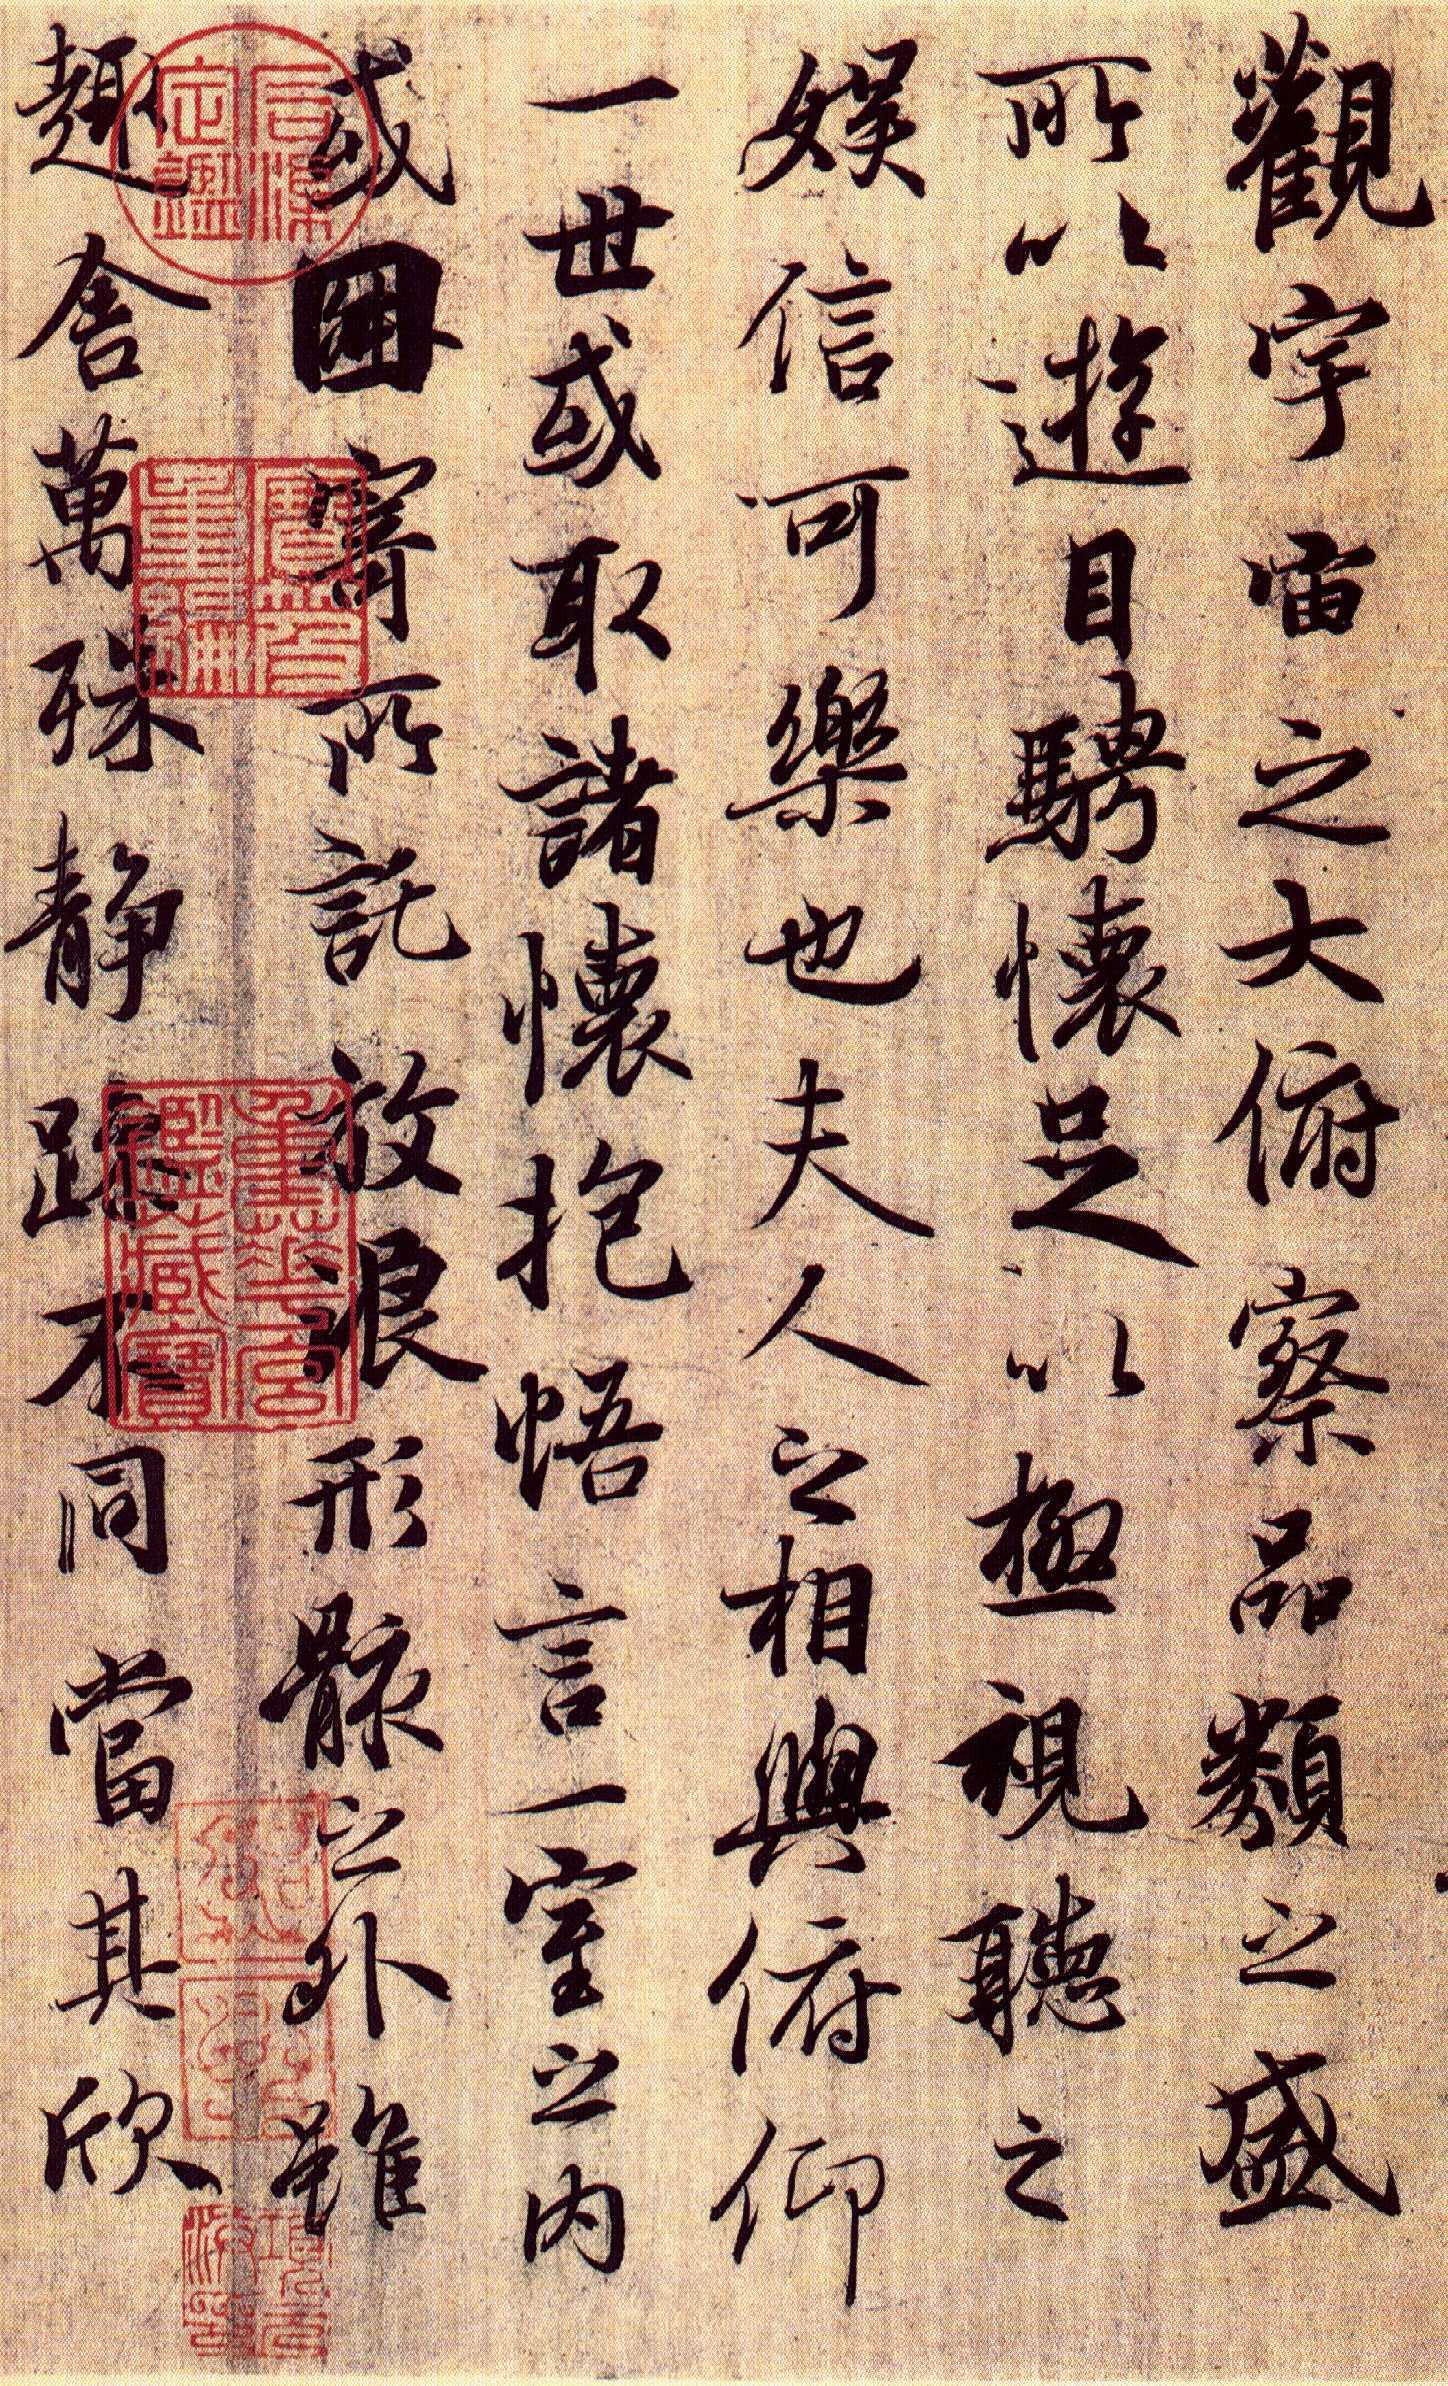 童丽十八相送之三歌谱-最富有传奇色彩的要数《宋拓定武兰亭序》.不管是摹本,还是拓本,